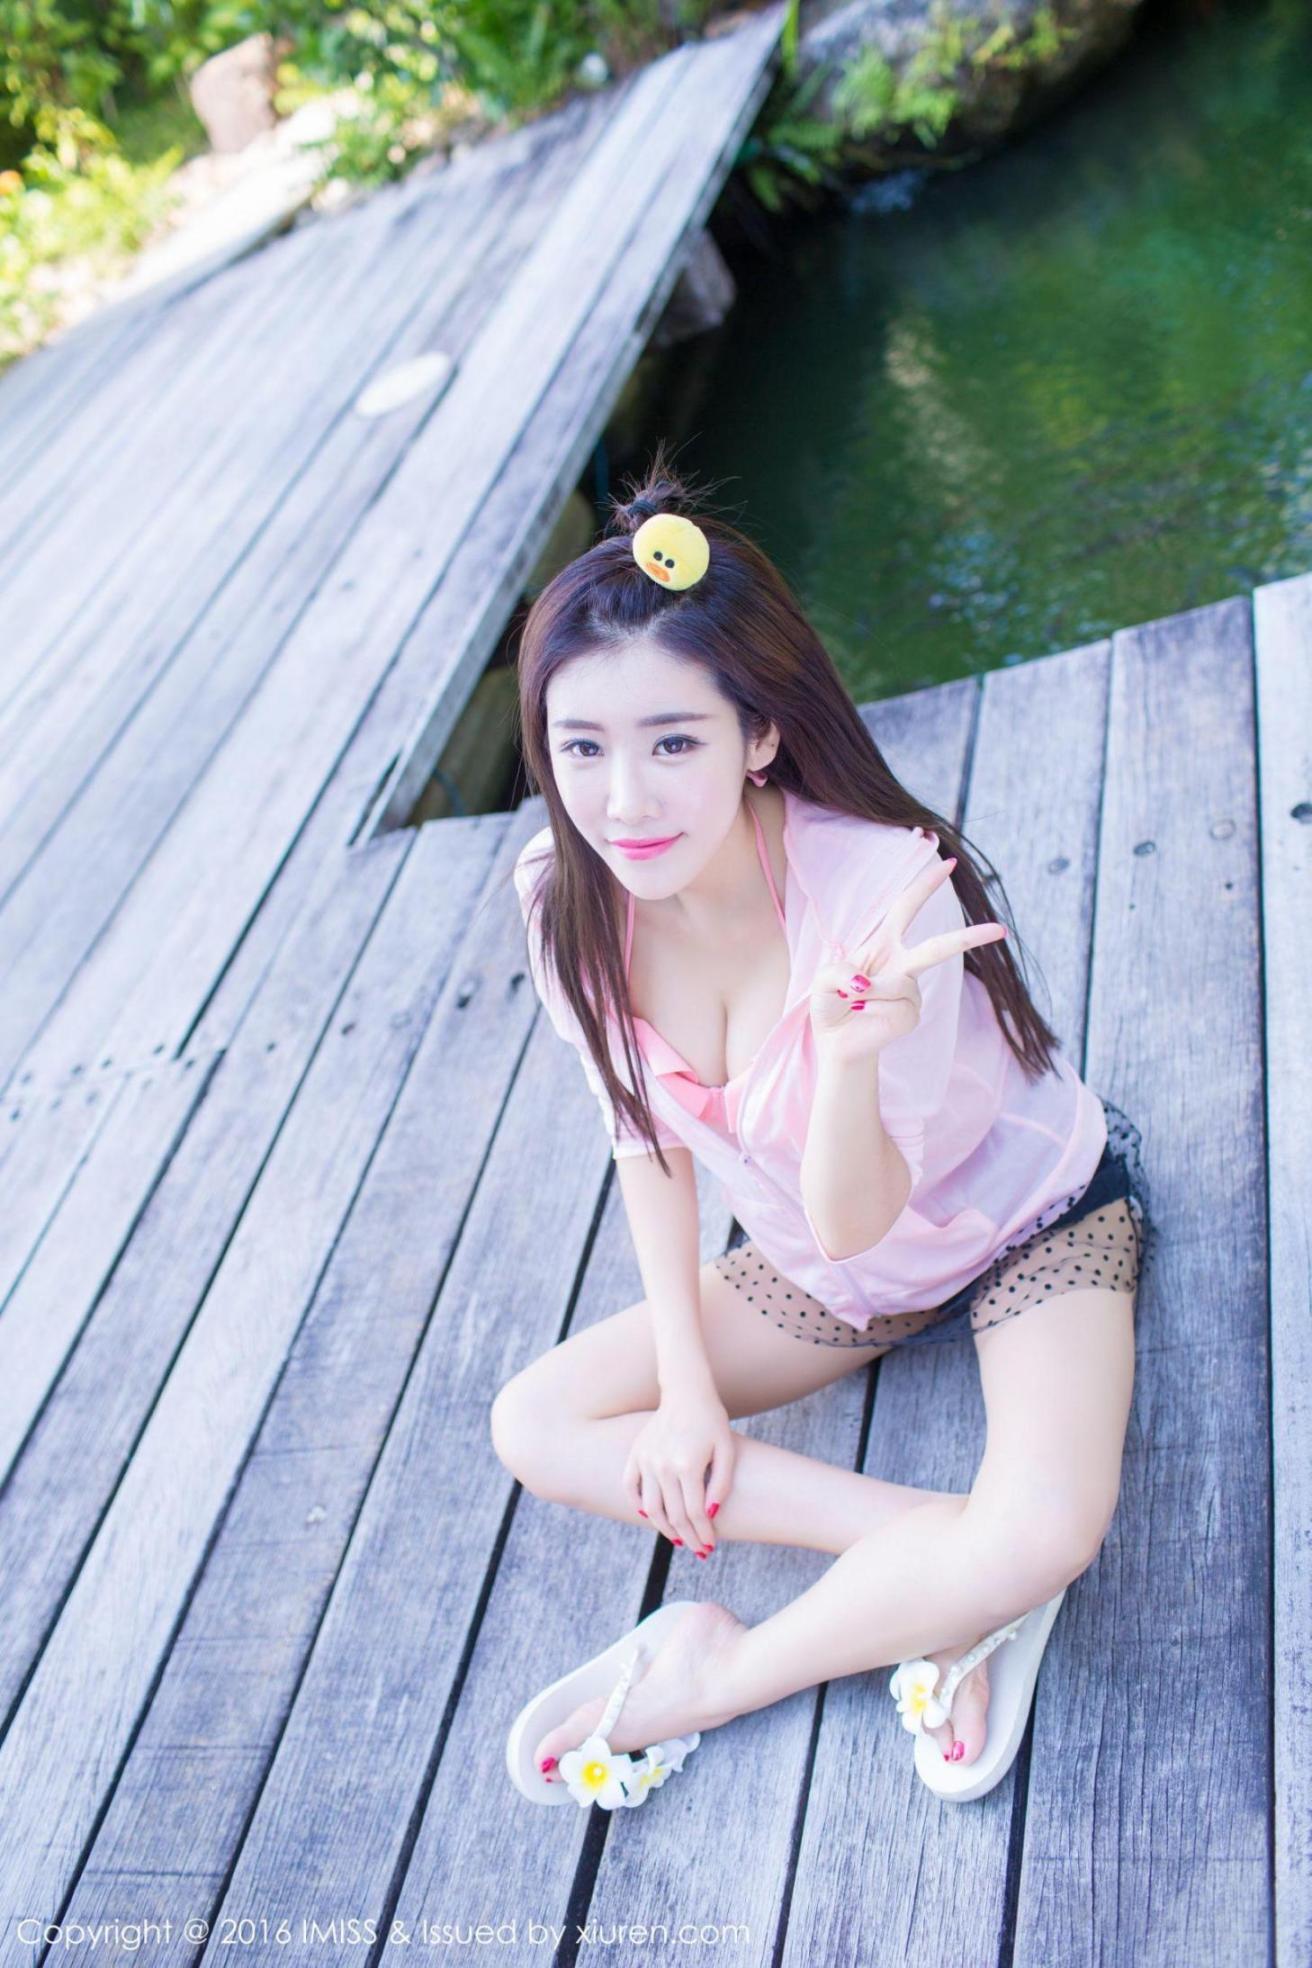 [推女神] 程小烦 粉色装扮+白色裙子外拍 高清写真套图